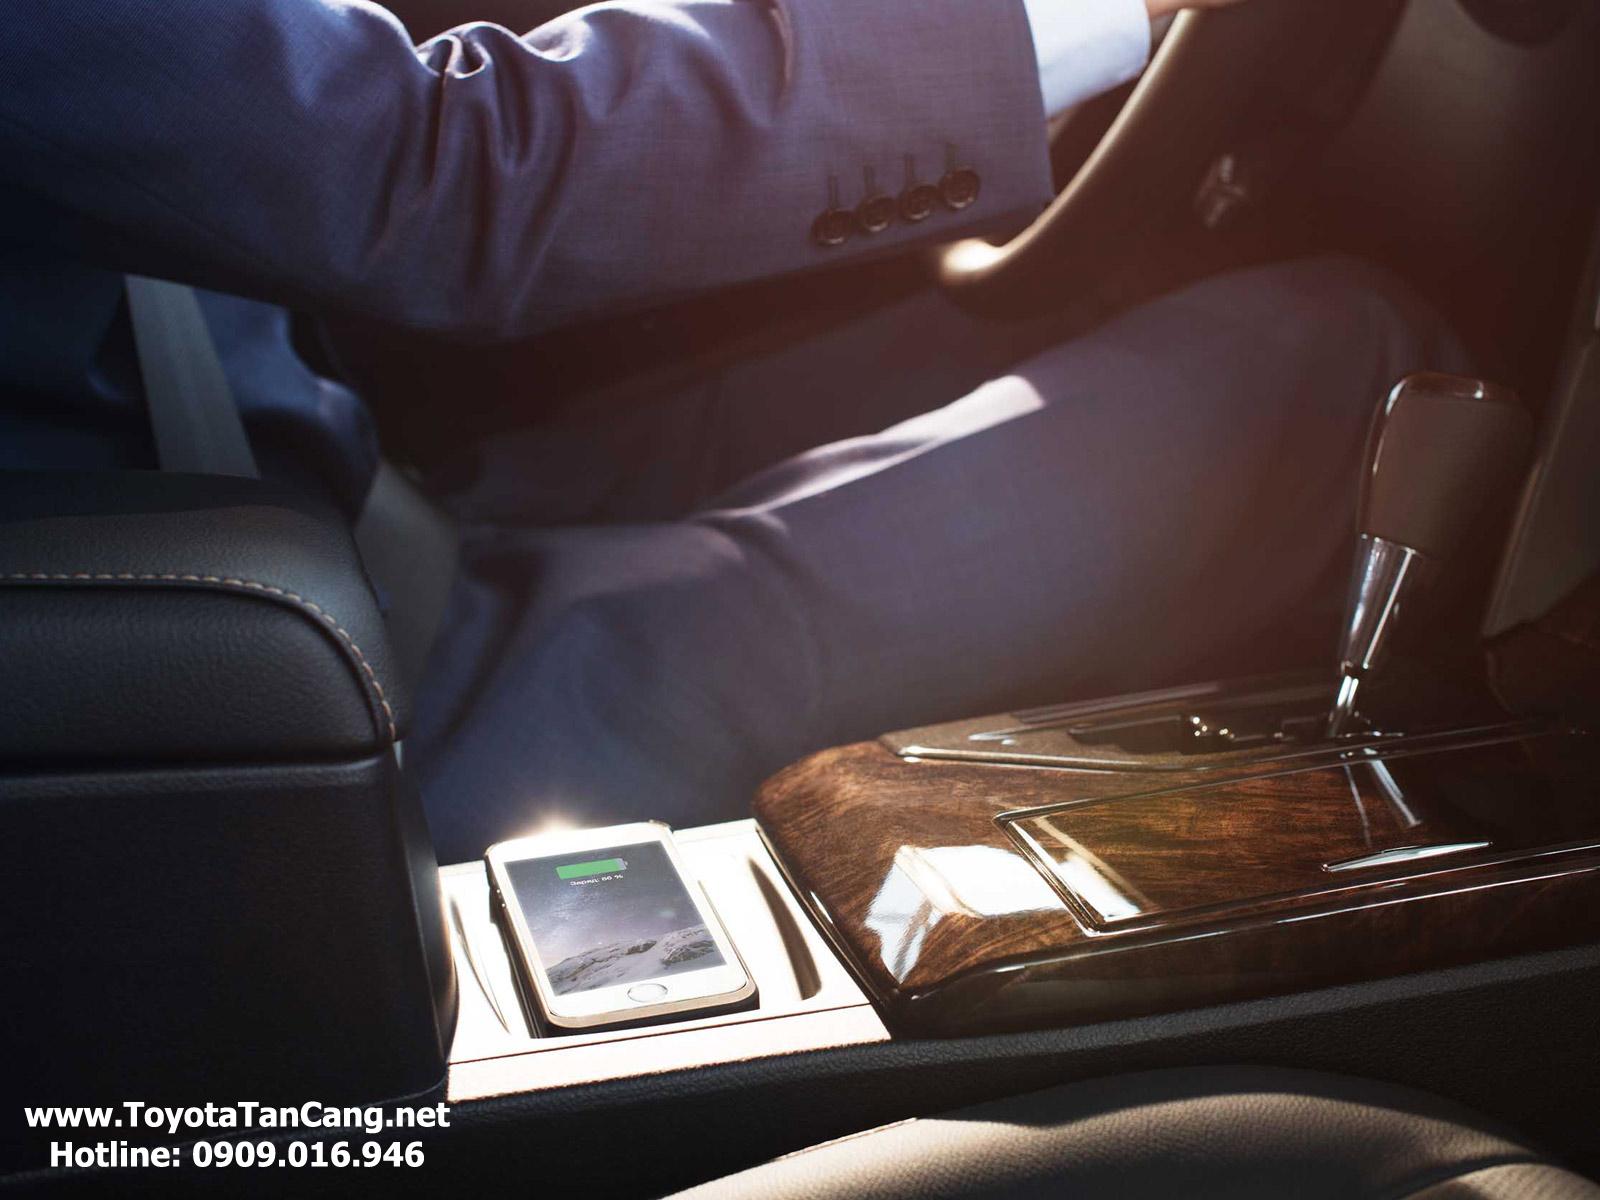 Sạc không dây lần đầu tiên được trang bị trên Toyota Camry